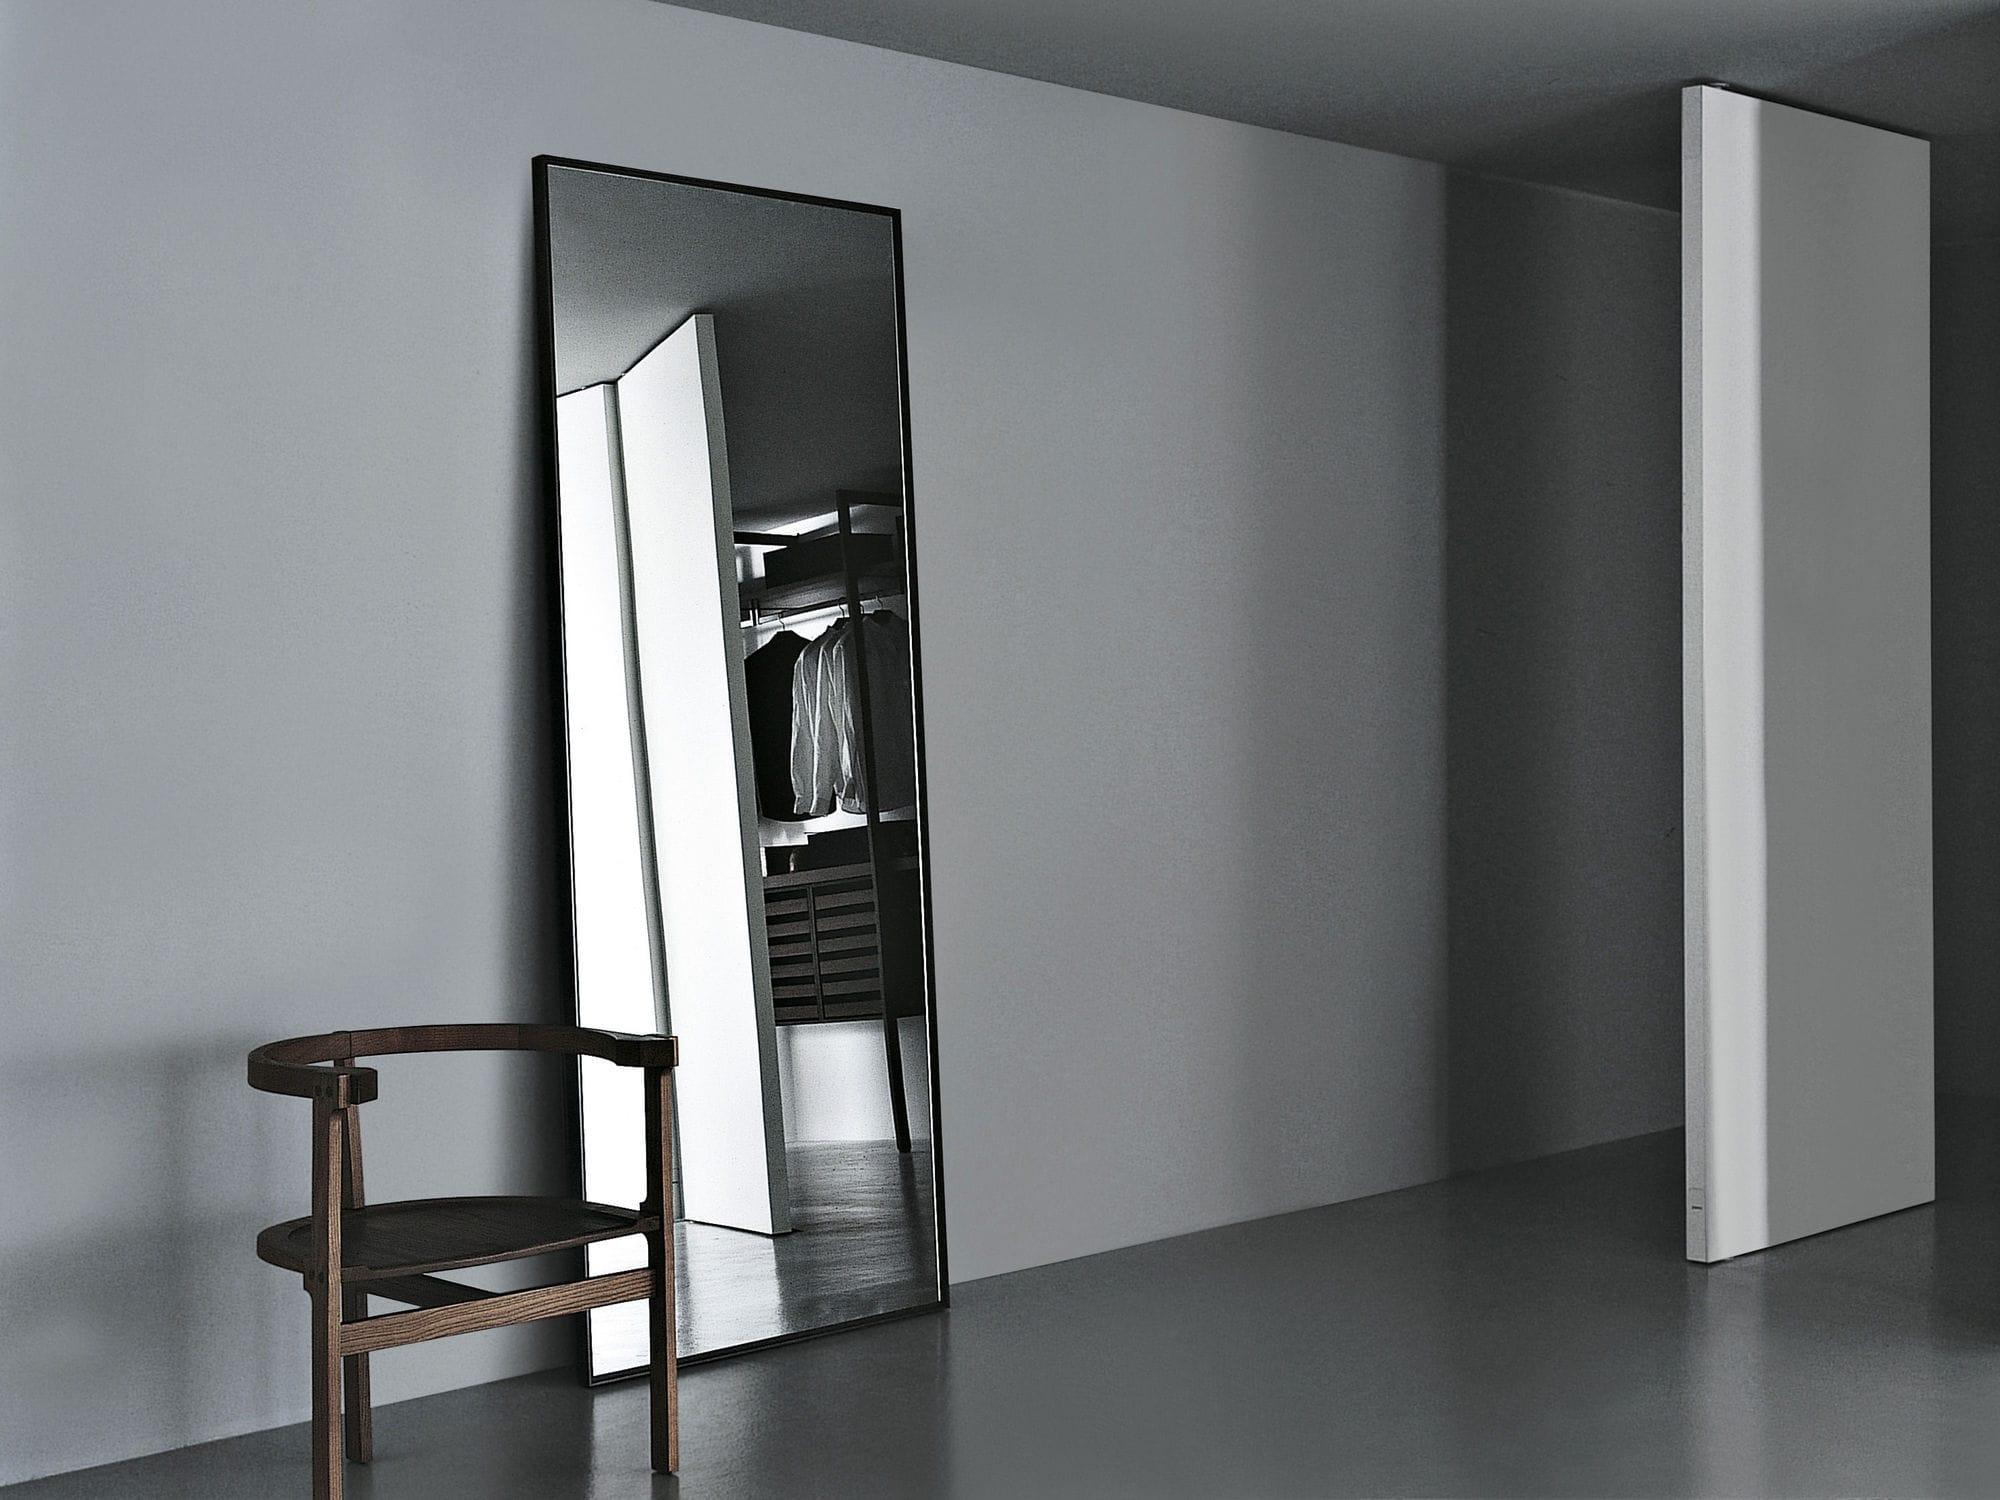 Specchio a muro / moderno / rettangolare / in metallo - REFLECTION ...